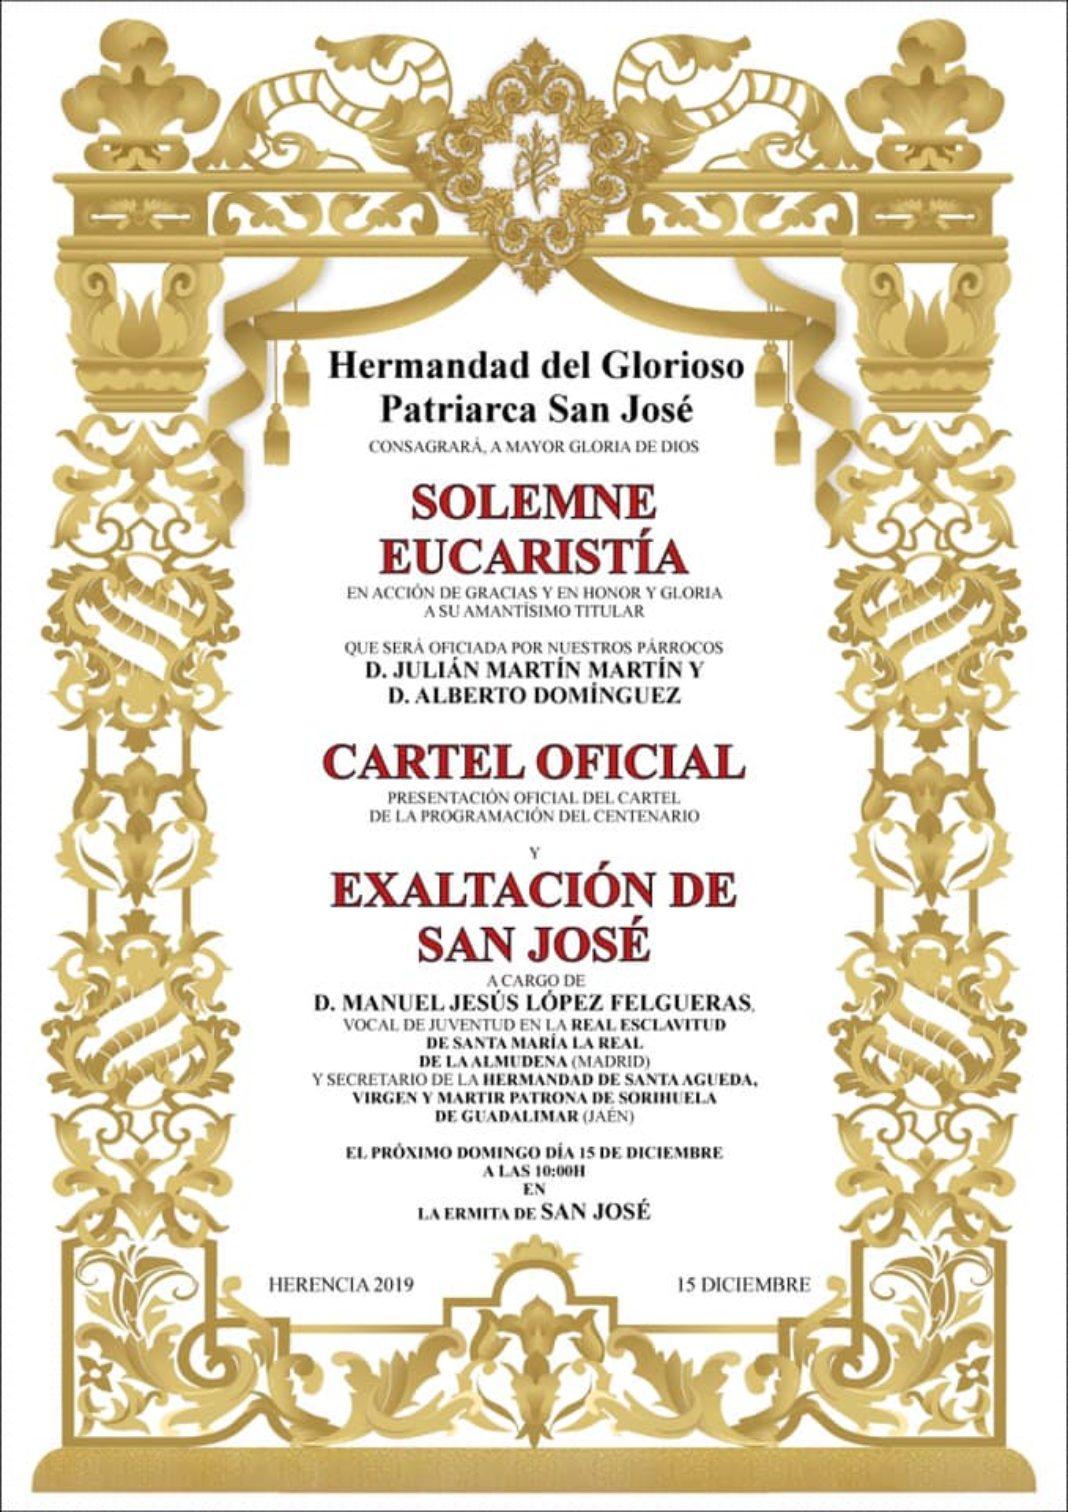 Acto de presentación del cartel y programación del centenario de la hermandad de San José 7